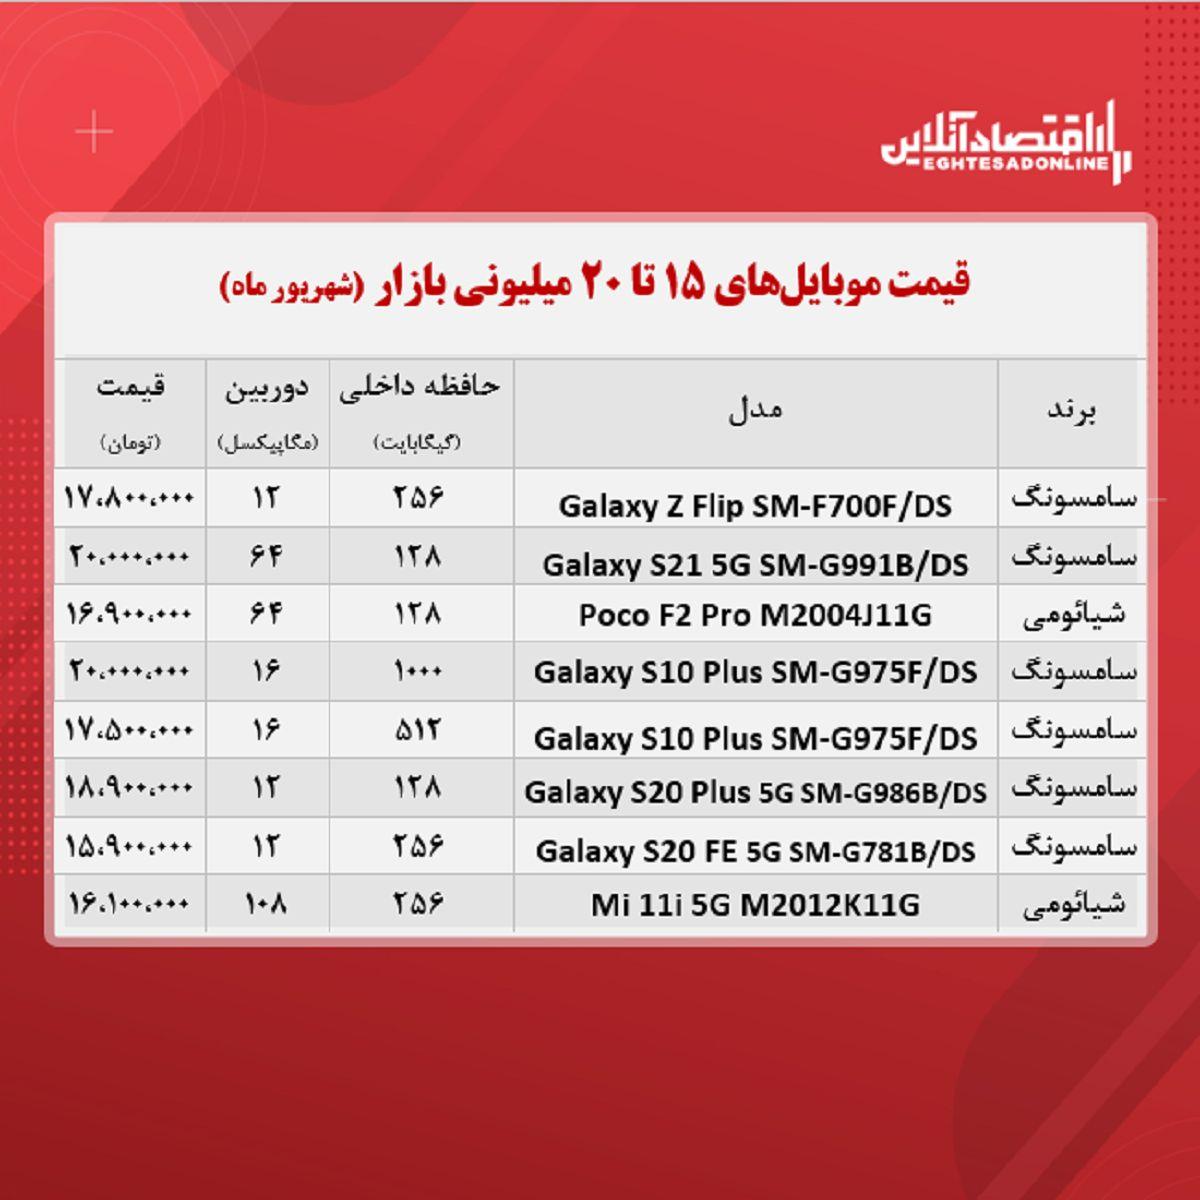 قیمت گوشی (محدوده ۲۰ میلیون تومان)